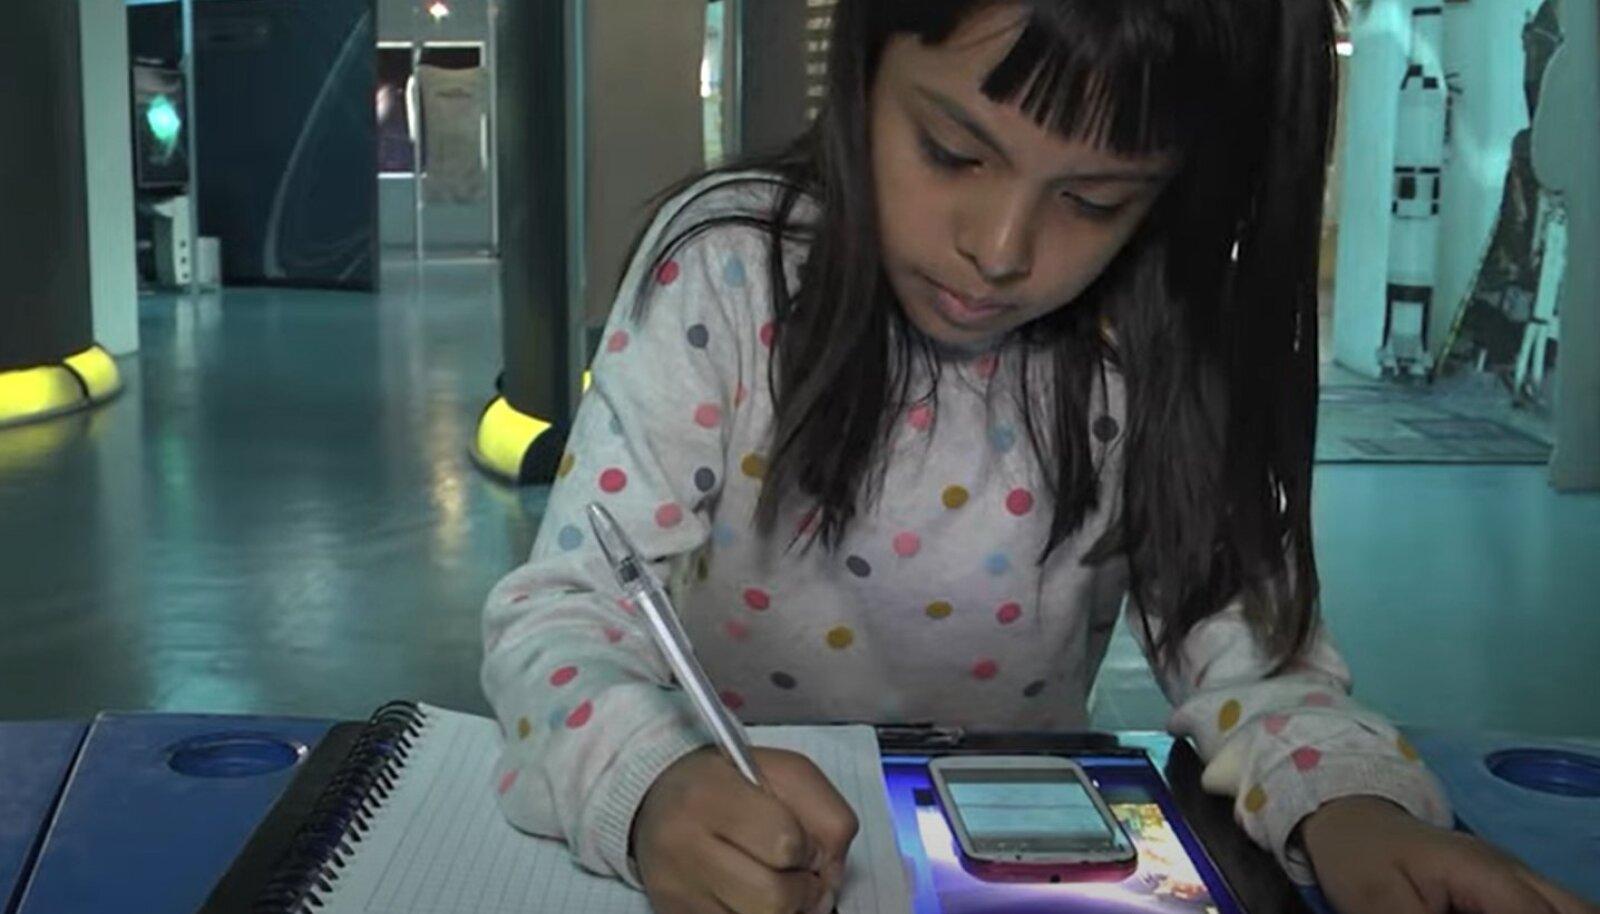 Адхара в три года уже умела читать, собирать пазлы из 100 деталей и начала изучение алгебры